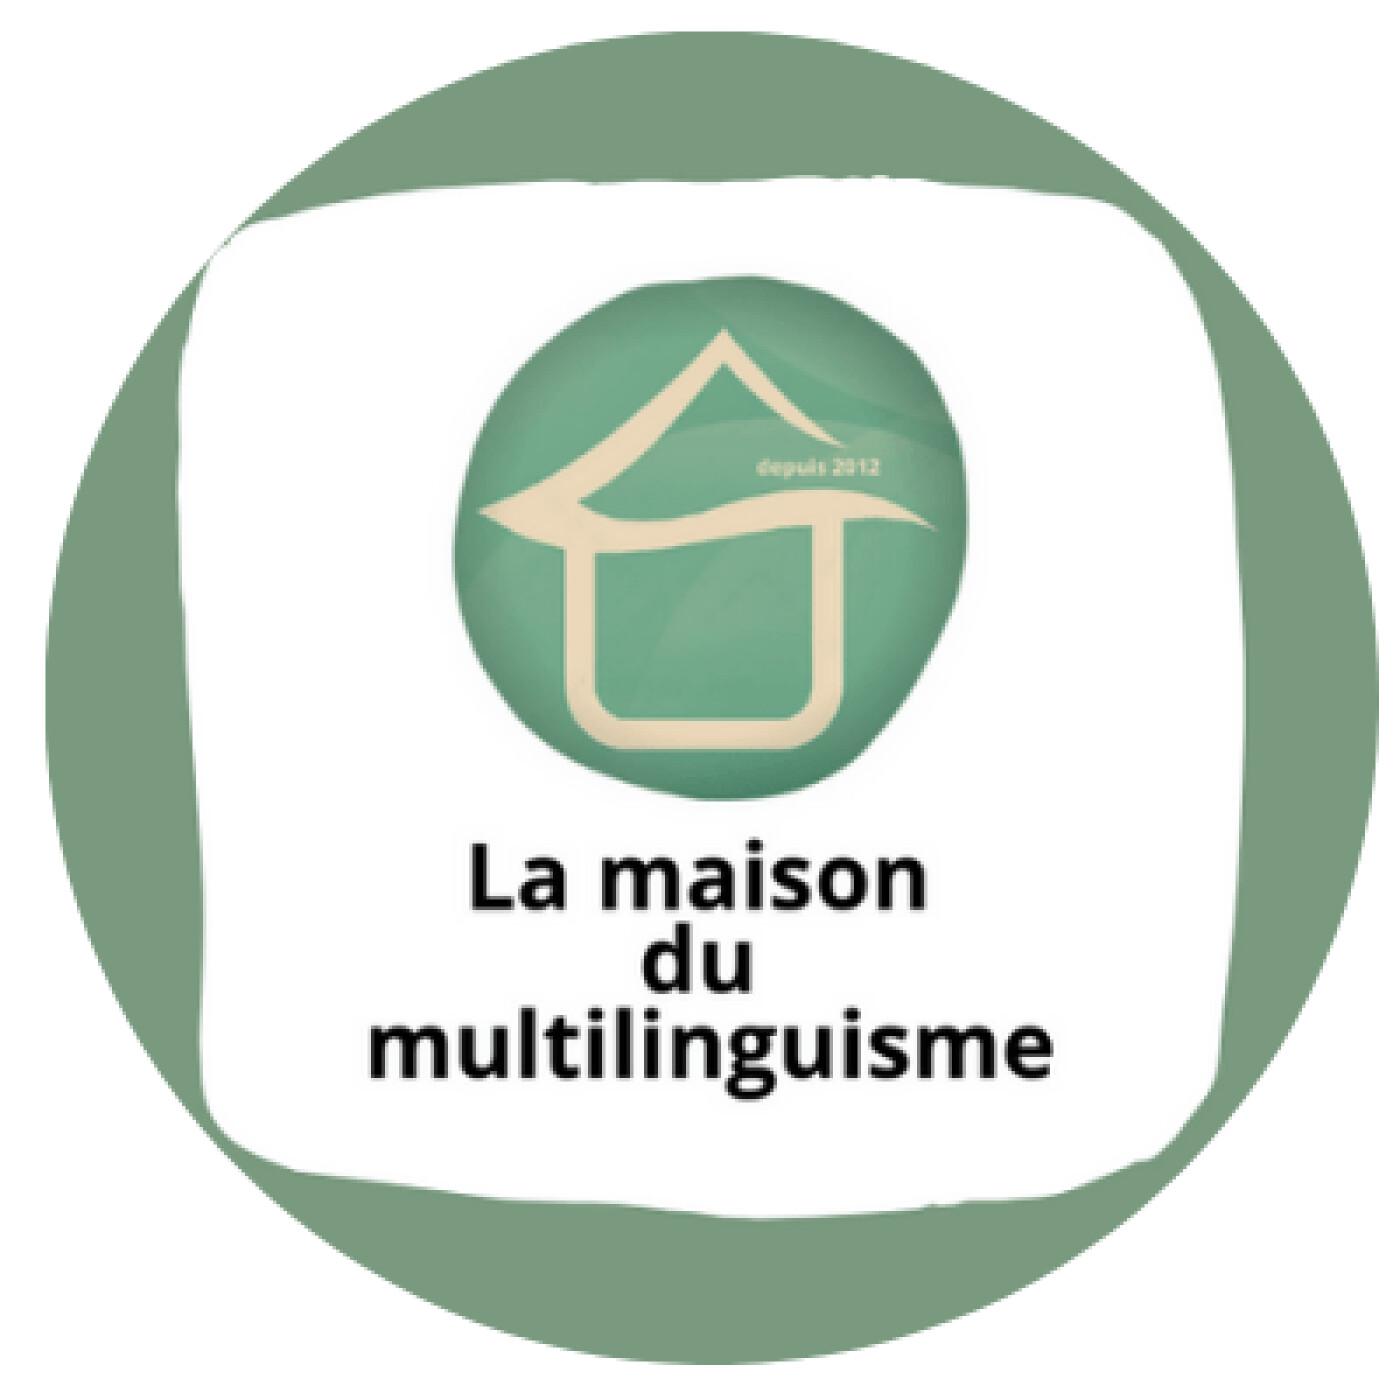 Isabelle, la Maison du Multilinguisme, parle de son accompagnement les expats - 22 03 2021 - StereoChic Radio